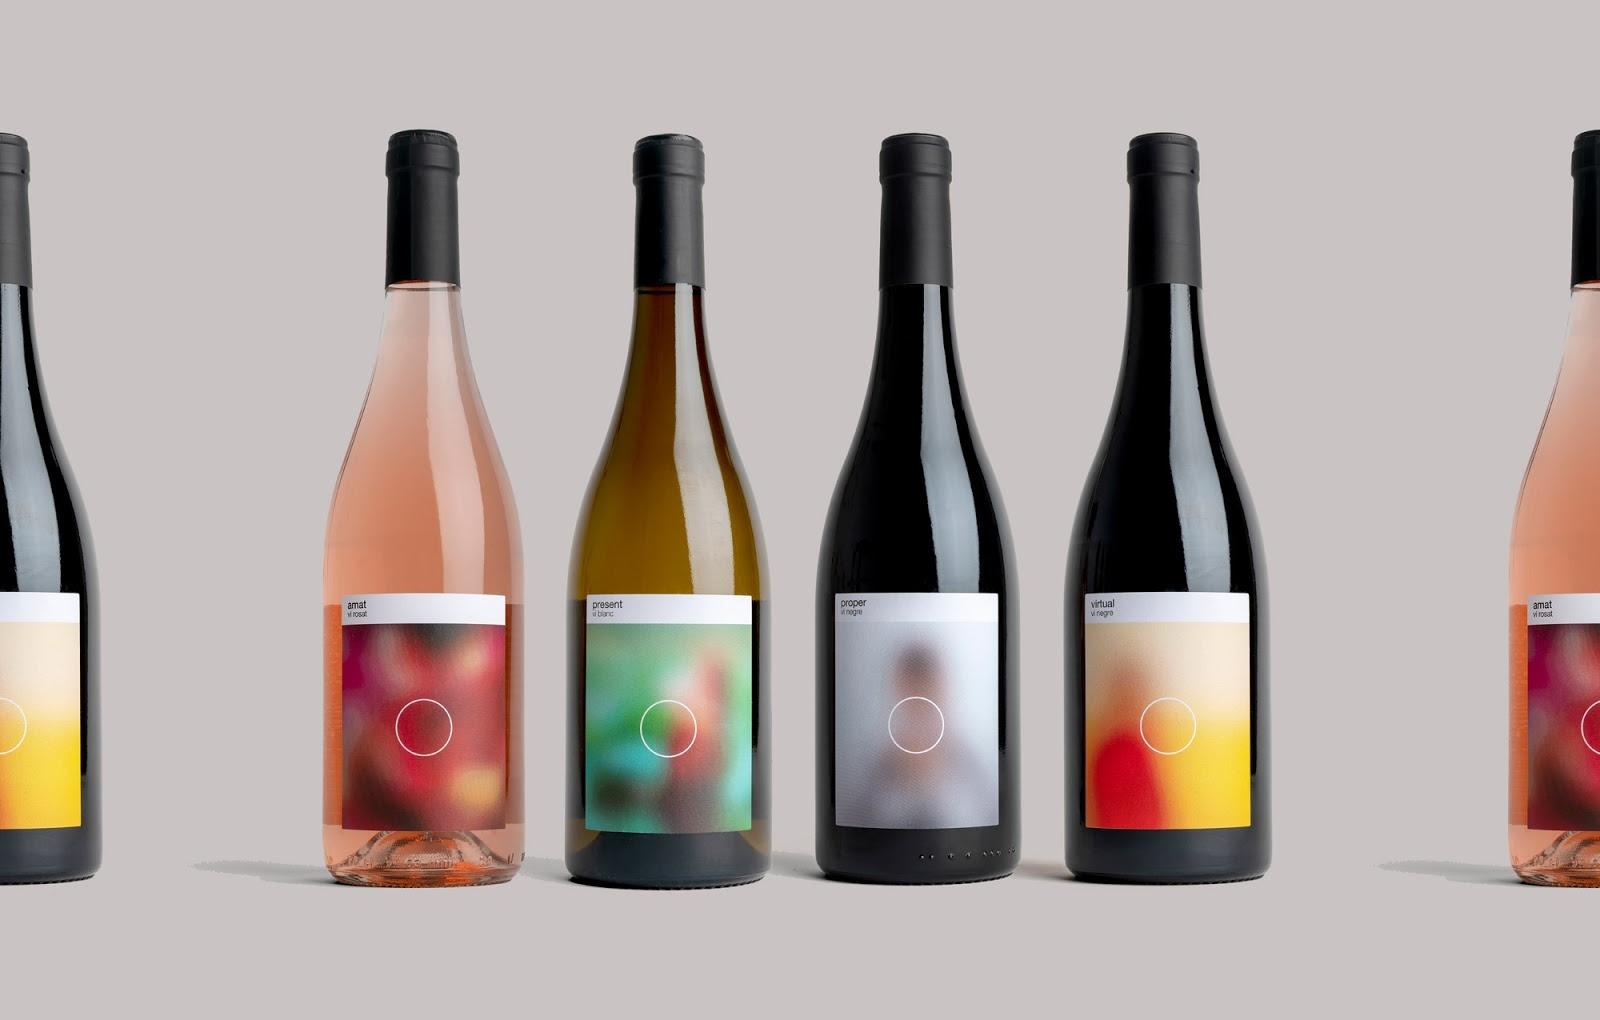 Xu hướng thiết kế bao bì 2020 ví dụ: nhãn chai rượu vang với hình ảnh mờ